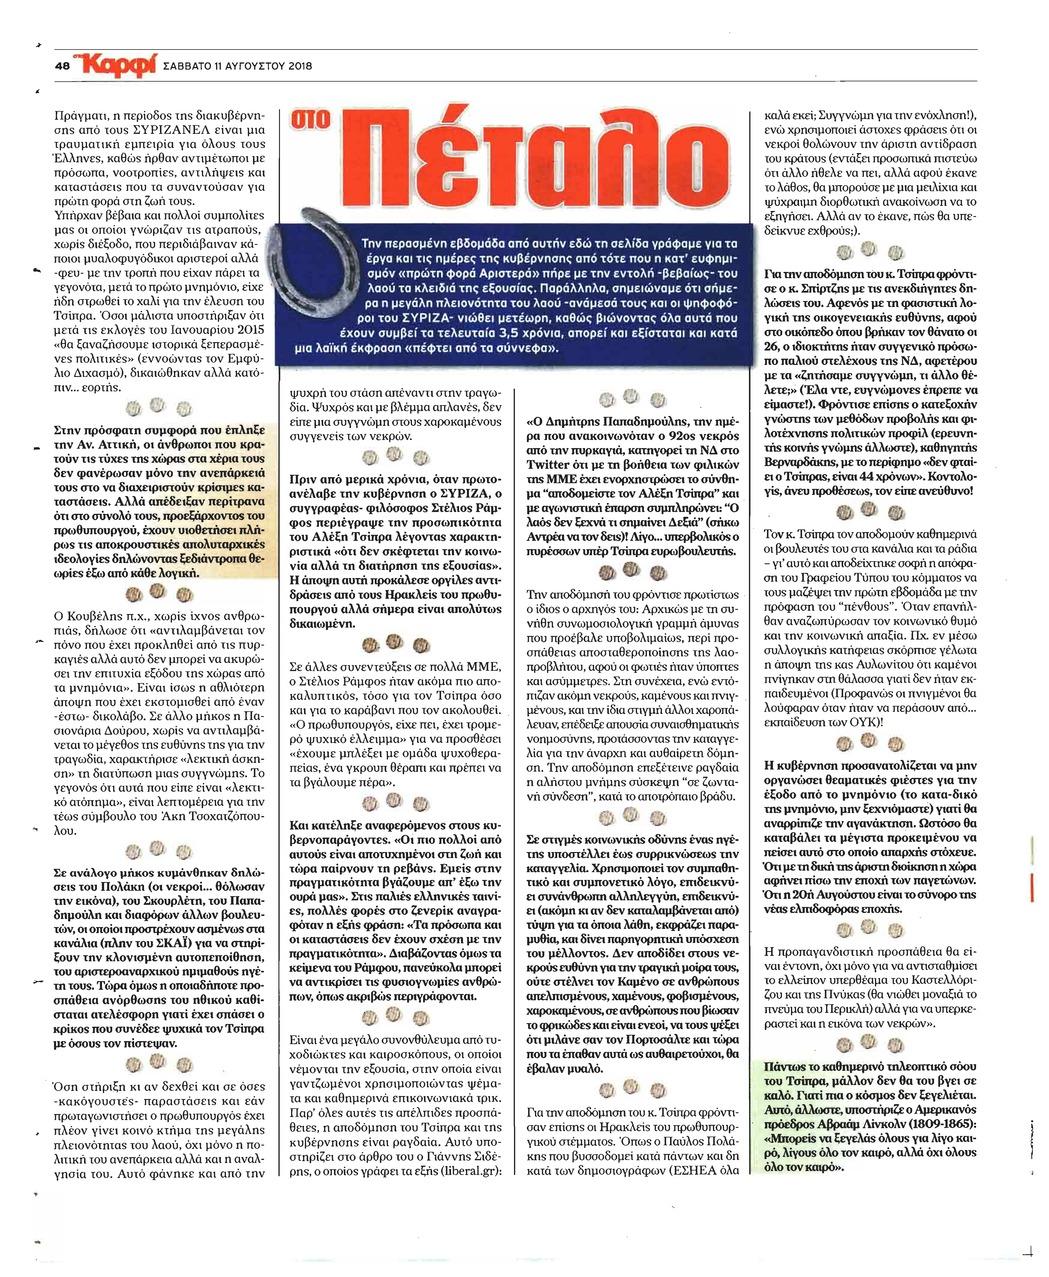 Οπισθόφυλλο εφημερίδας Καρφί